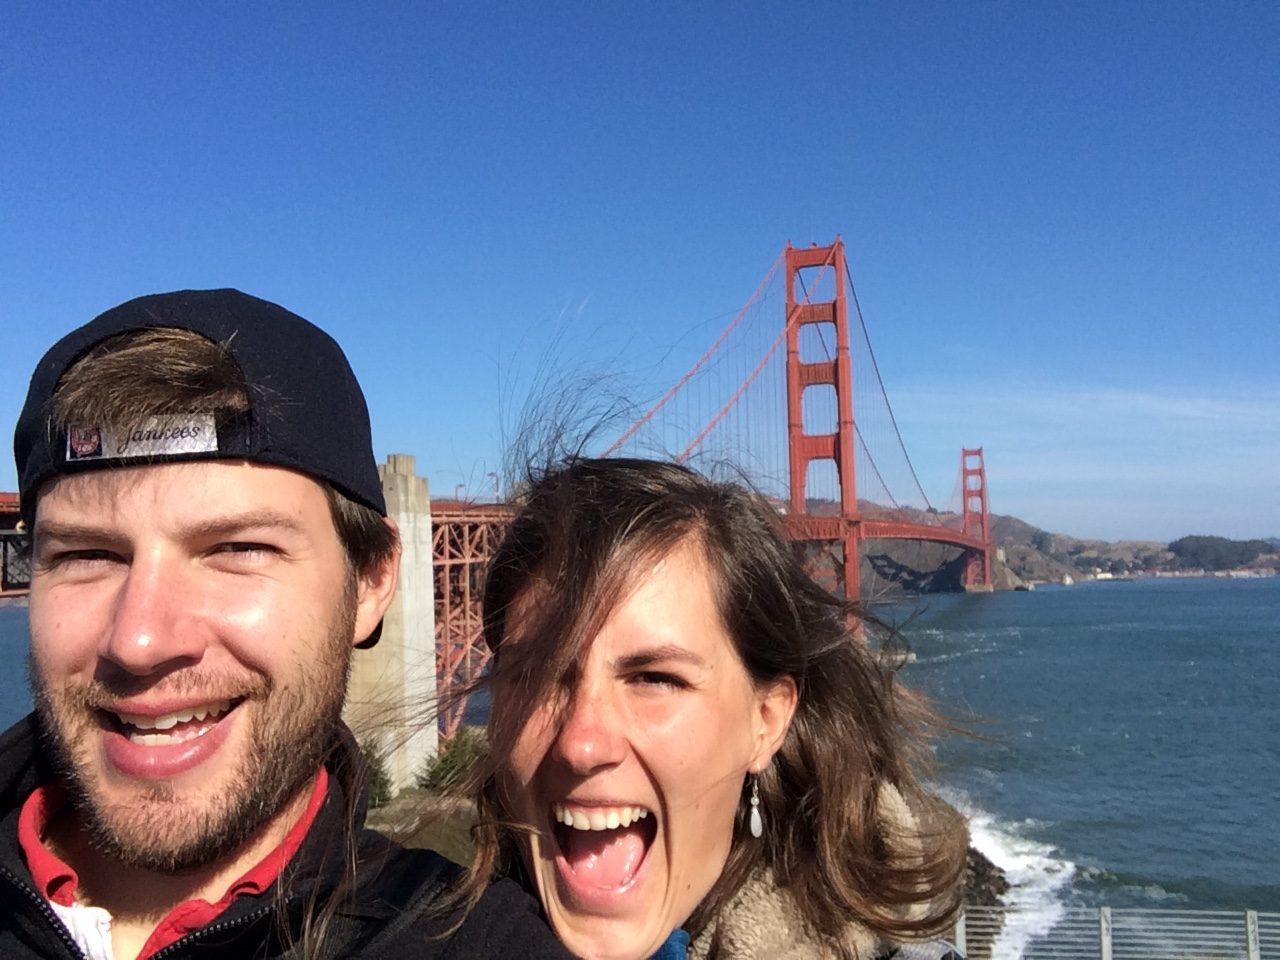 Golden Gate Bridge, San Fransisco, Californie, USA